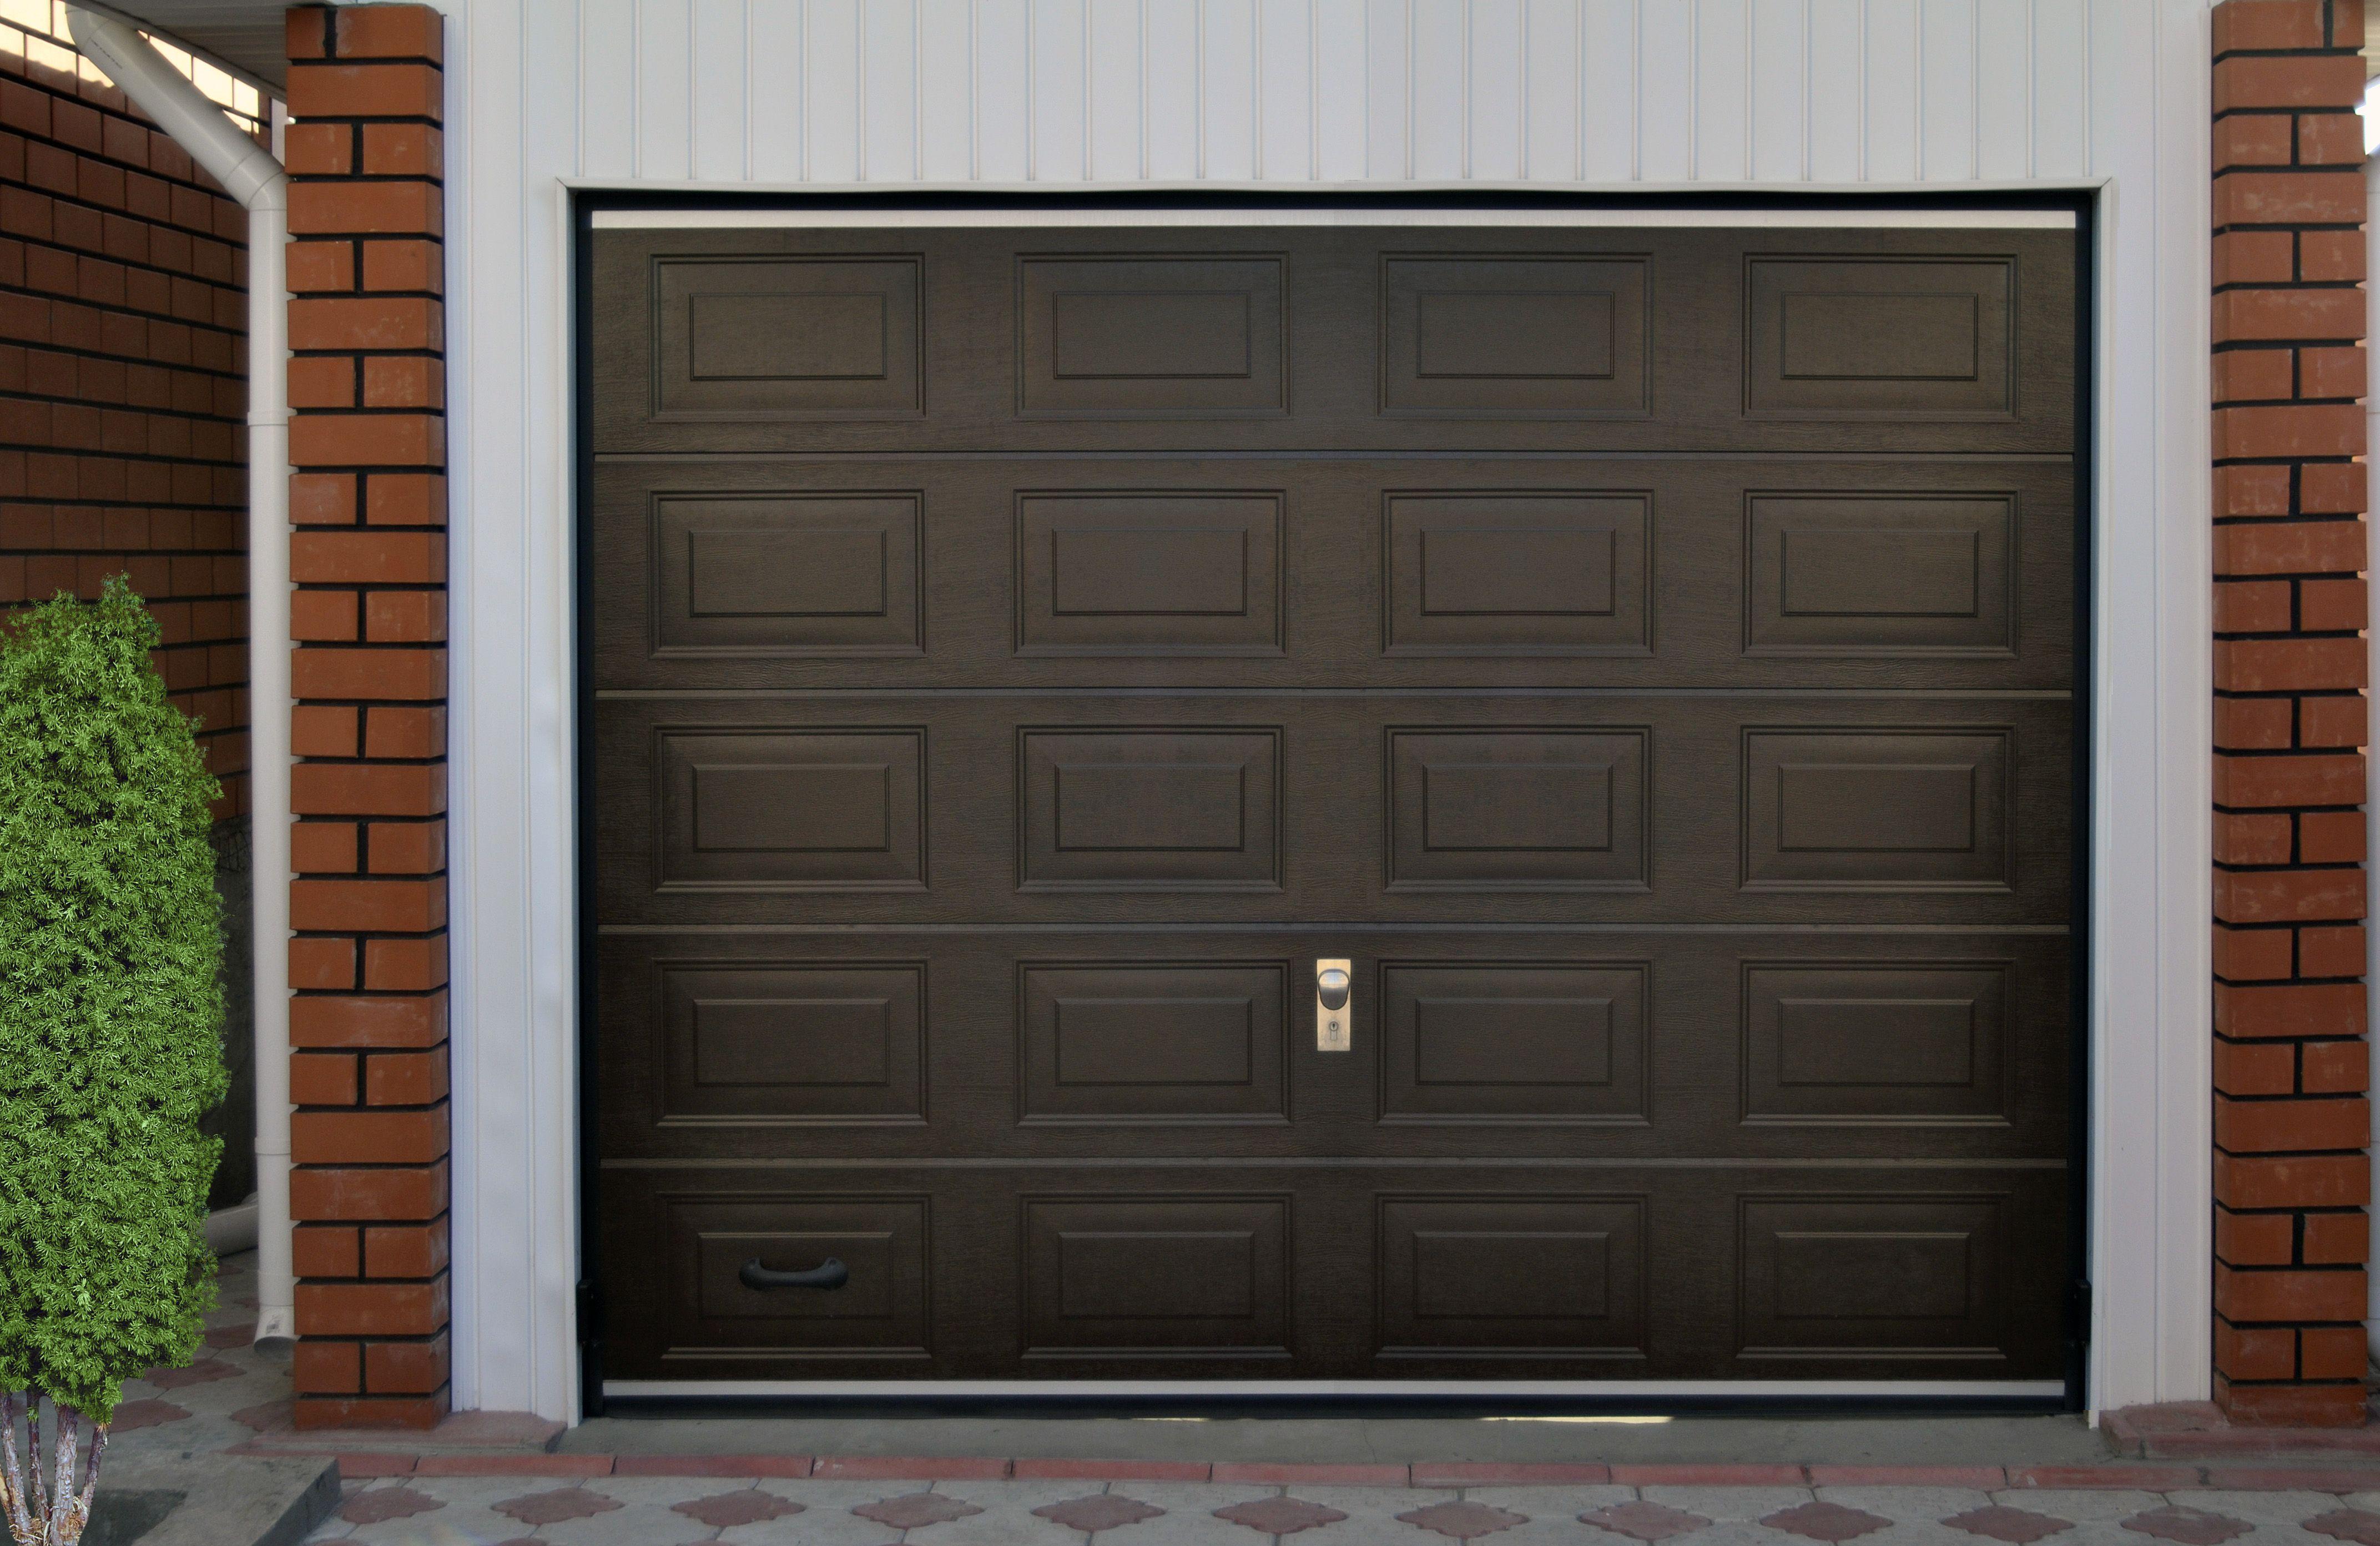 Самодельные автоматические распашные ворота для гаража. Как самому сделать автоматические ворота